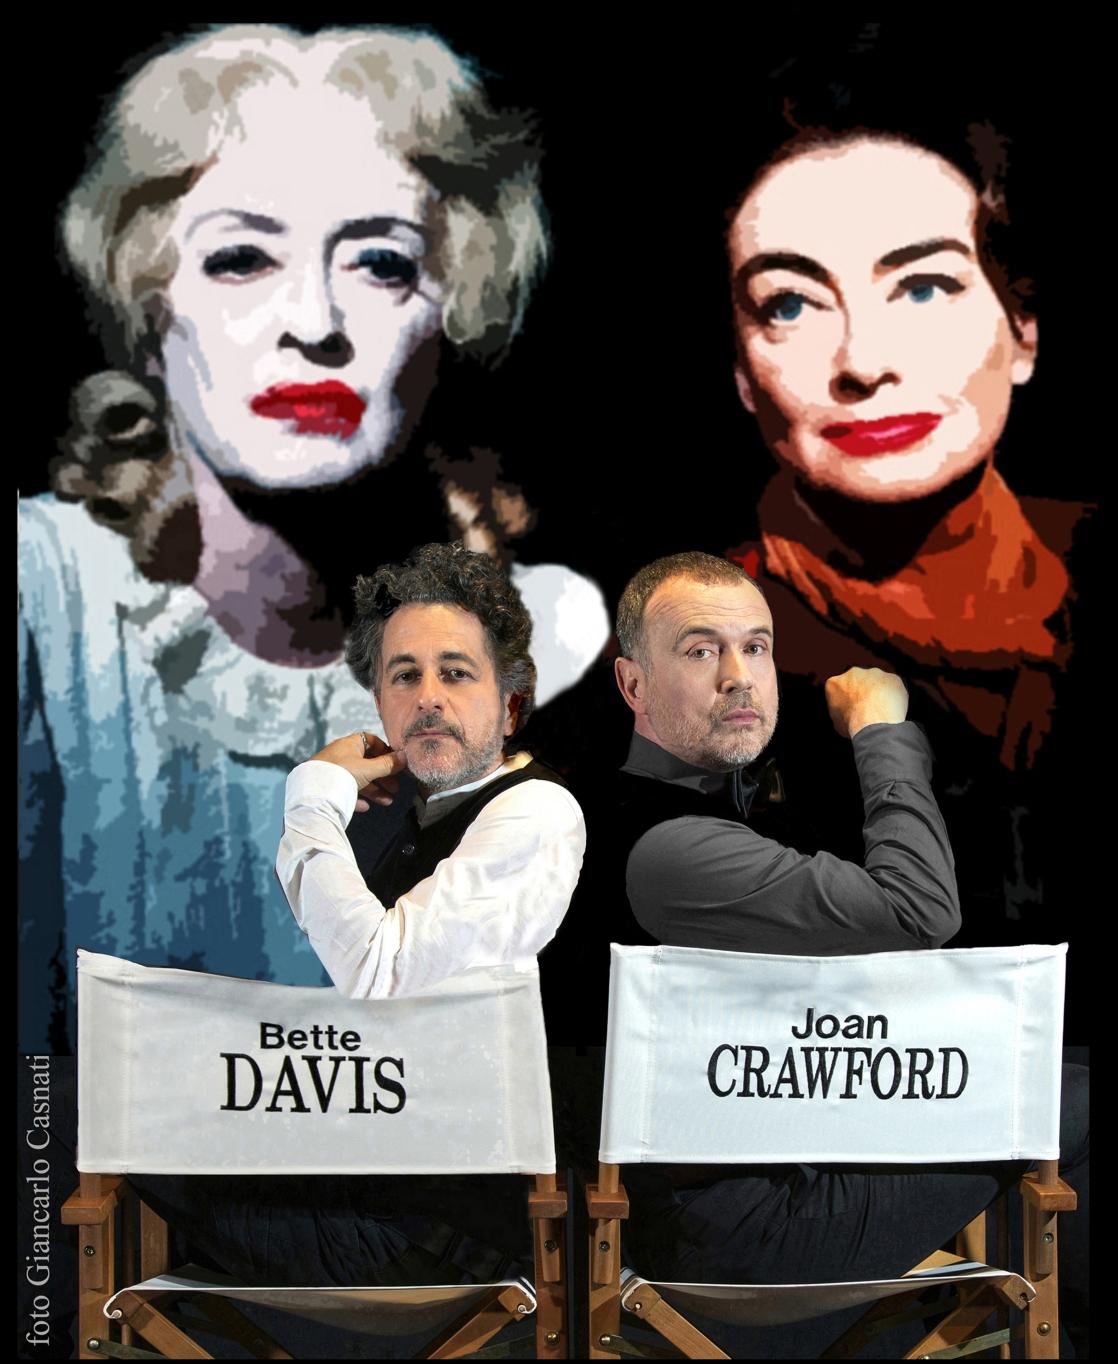 Che fine hanno fatto Bette Davis e  Joan Crawford-Gianni De Feo, Riccardo Castagnari - Foto di Giancarlo Casnati.jpg